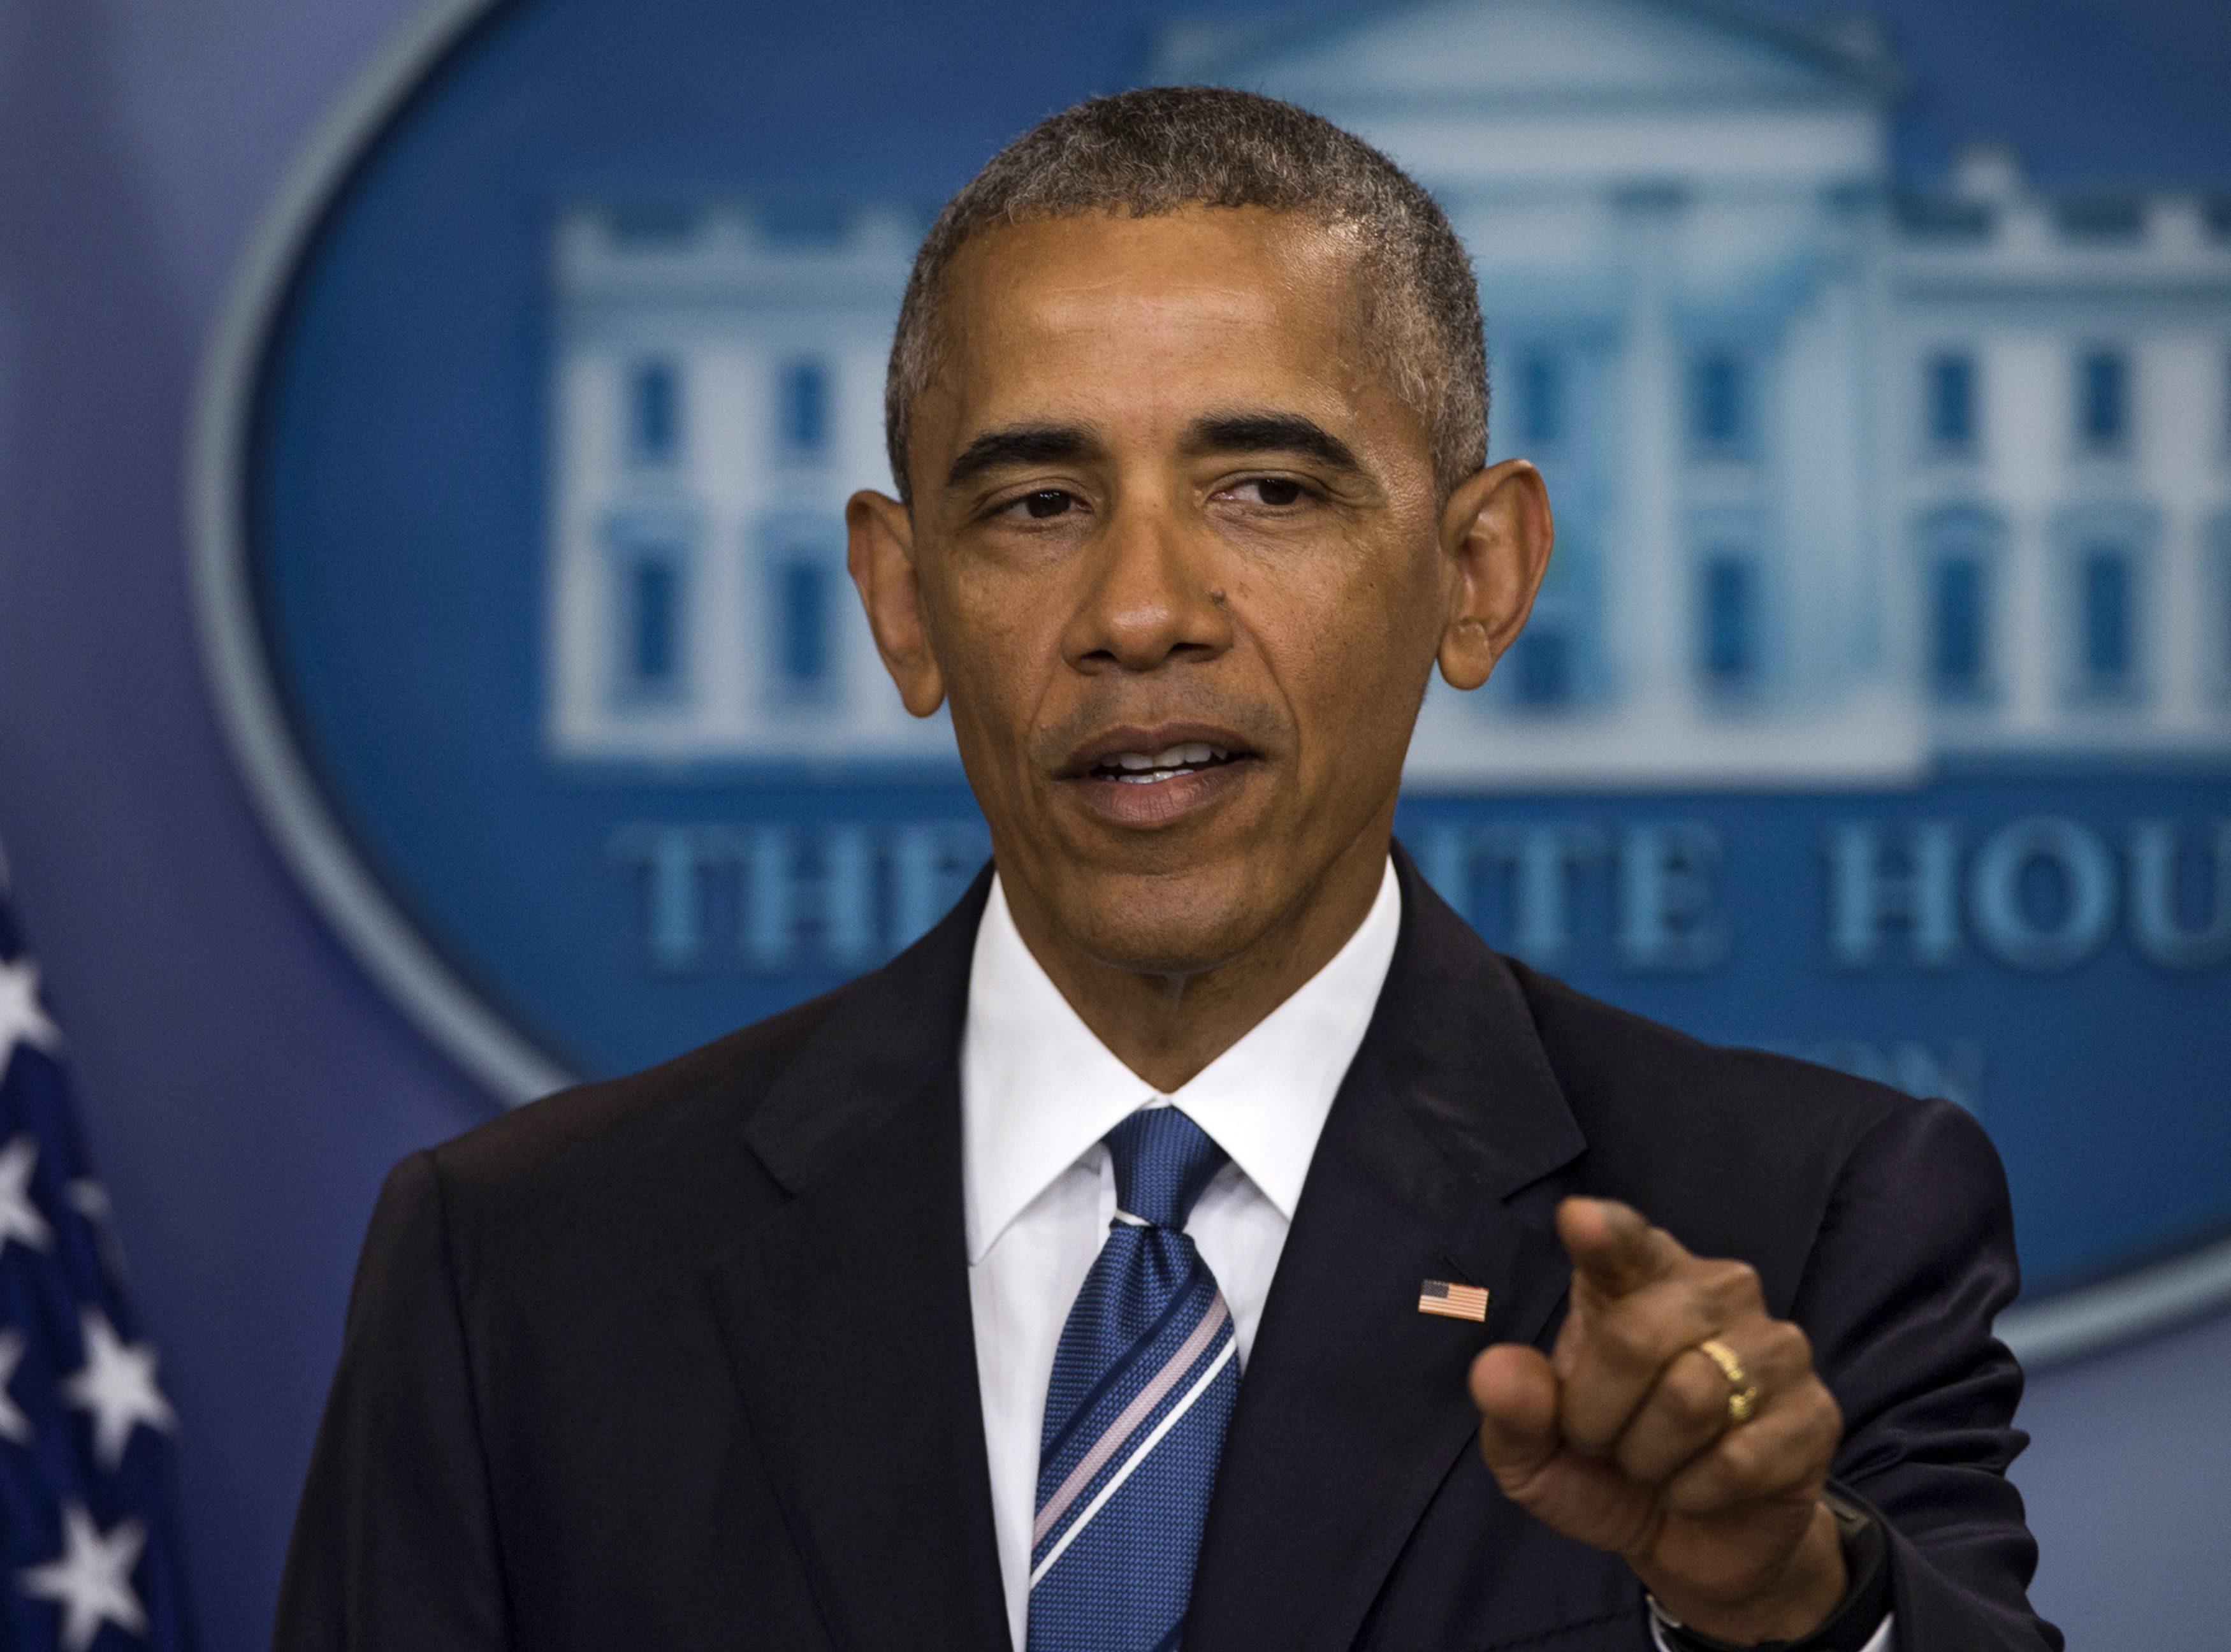 Lunetistul care a ucis 5 politisti in SUA era un fost soldat. Obama si-a scurtat vizita in Europa pentru a merge in Dallas